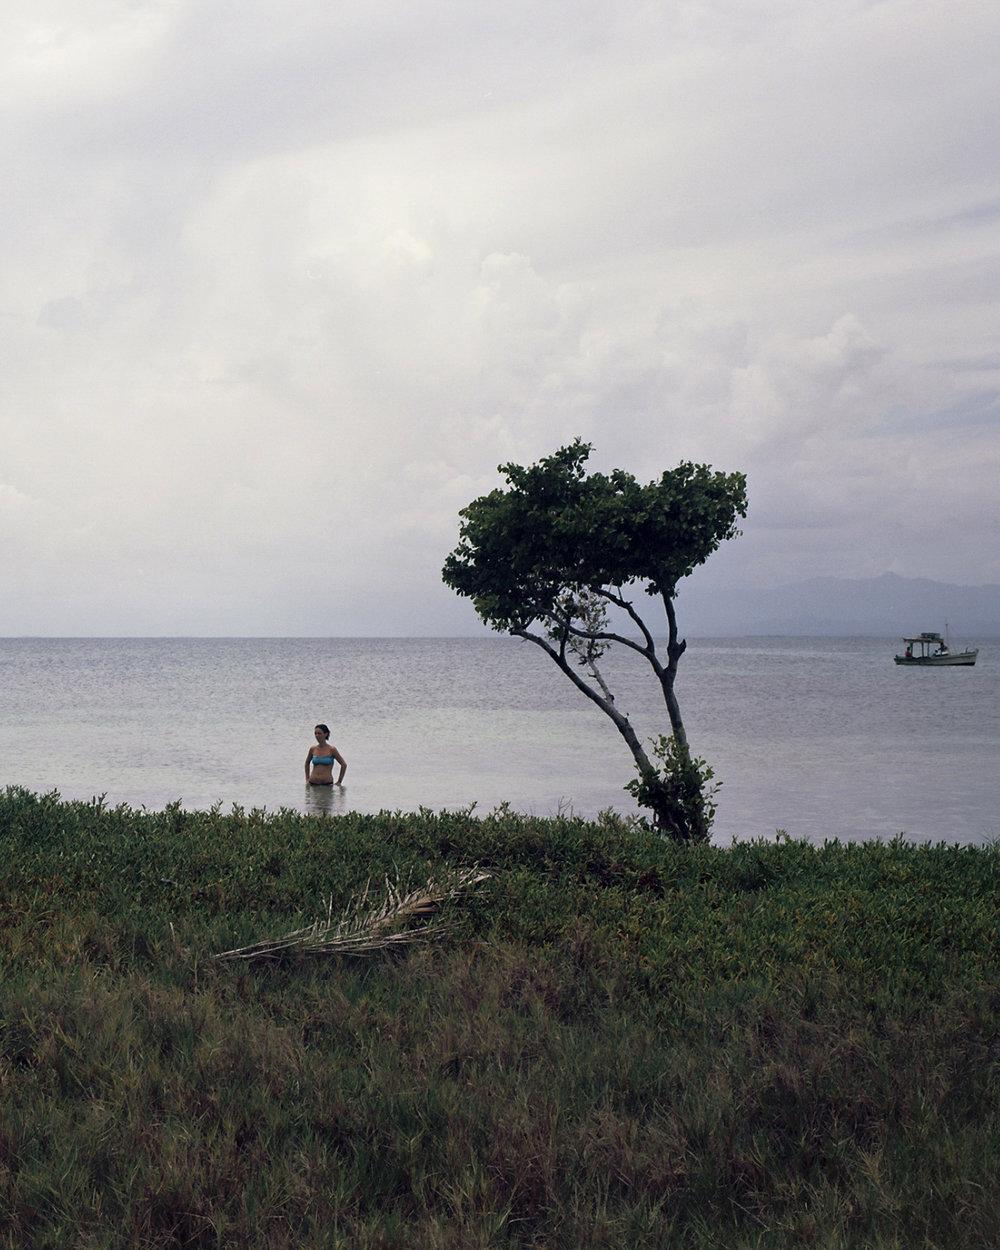 Cuba_2014_108.jpg